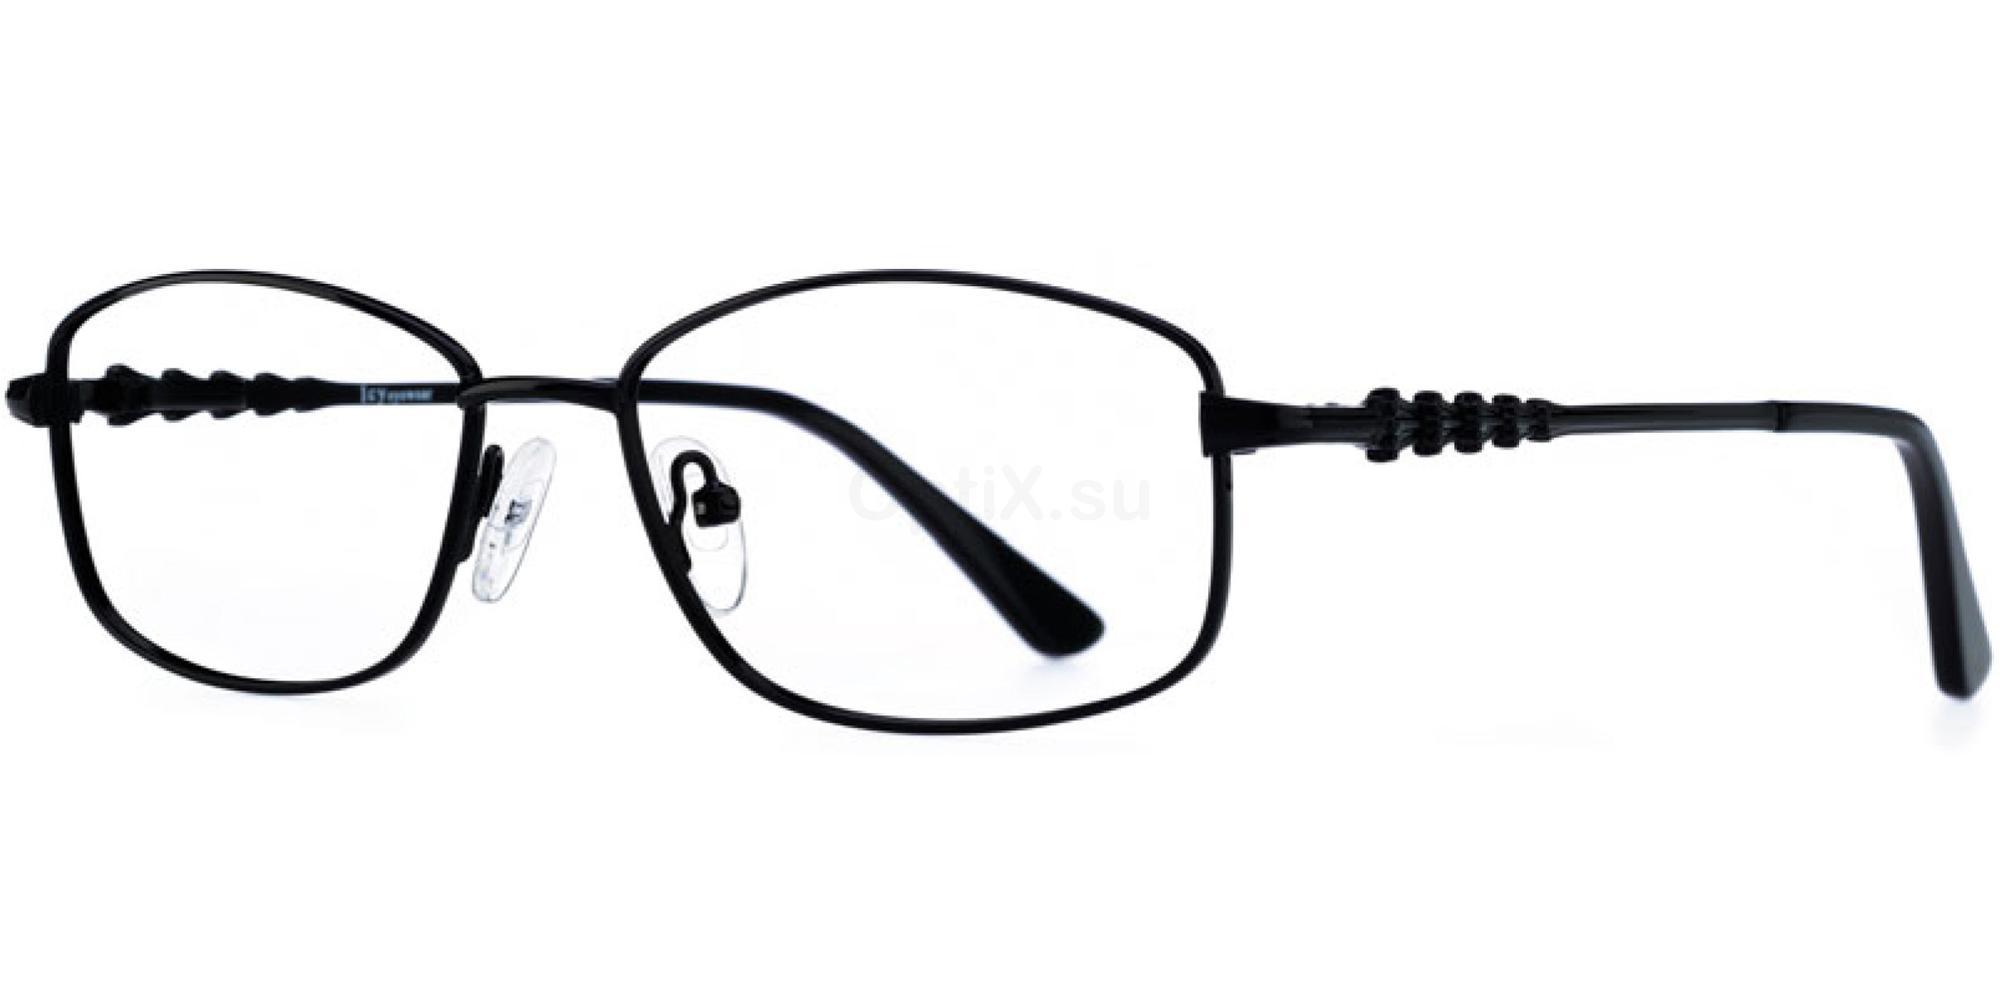 C1 Icy 774 , Icy Eyewear - Metals